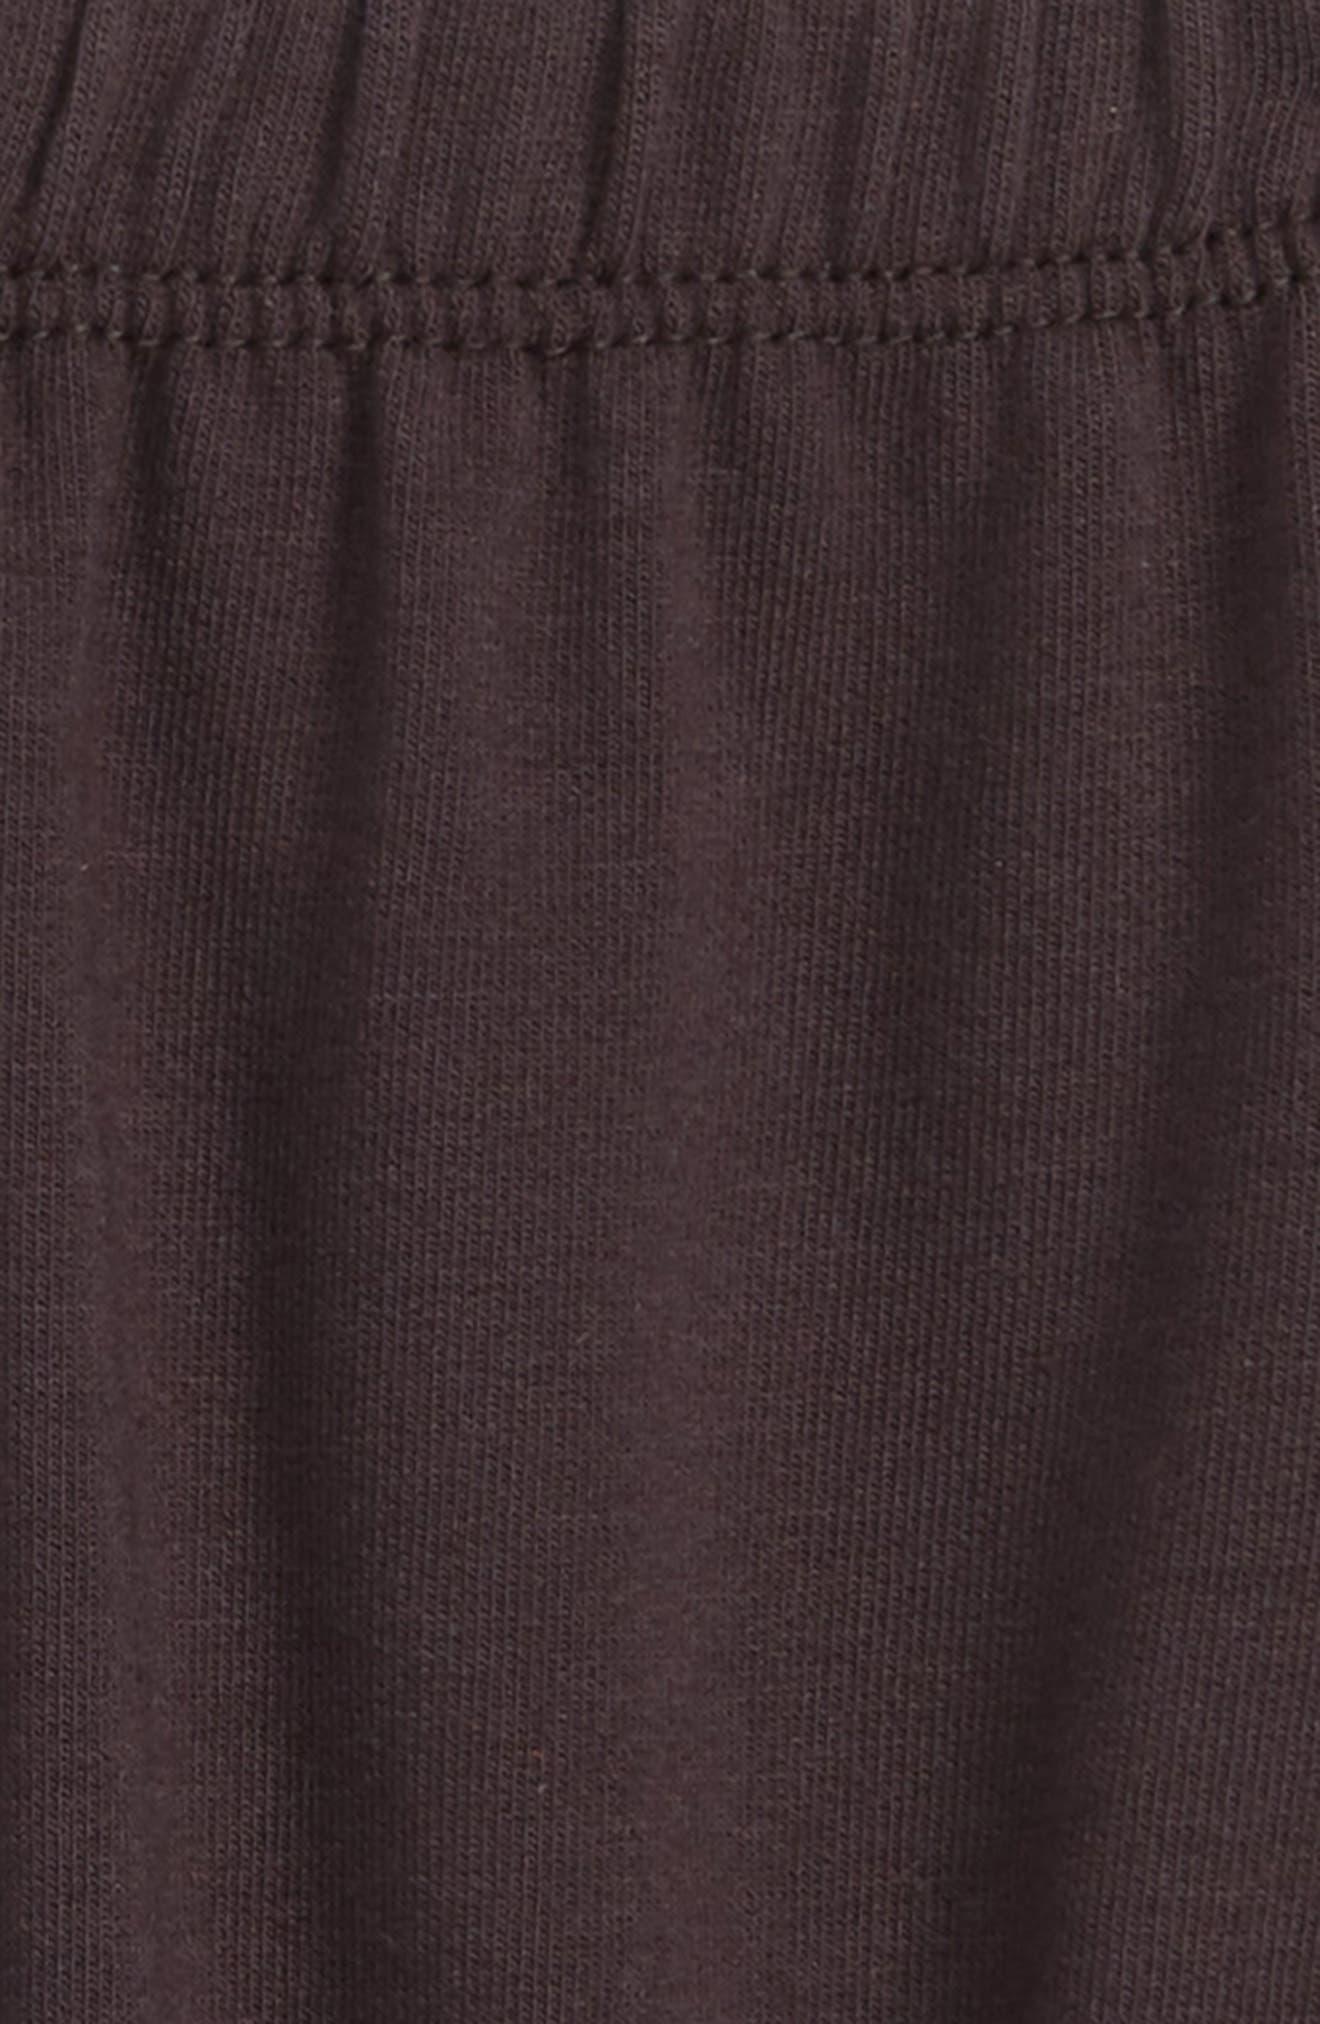 Knit Shorts,                             Alternate thumbnail 2, color,                             021